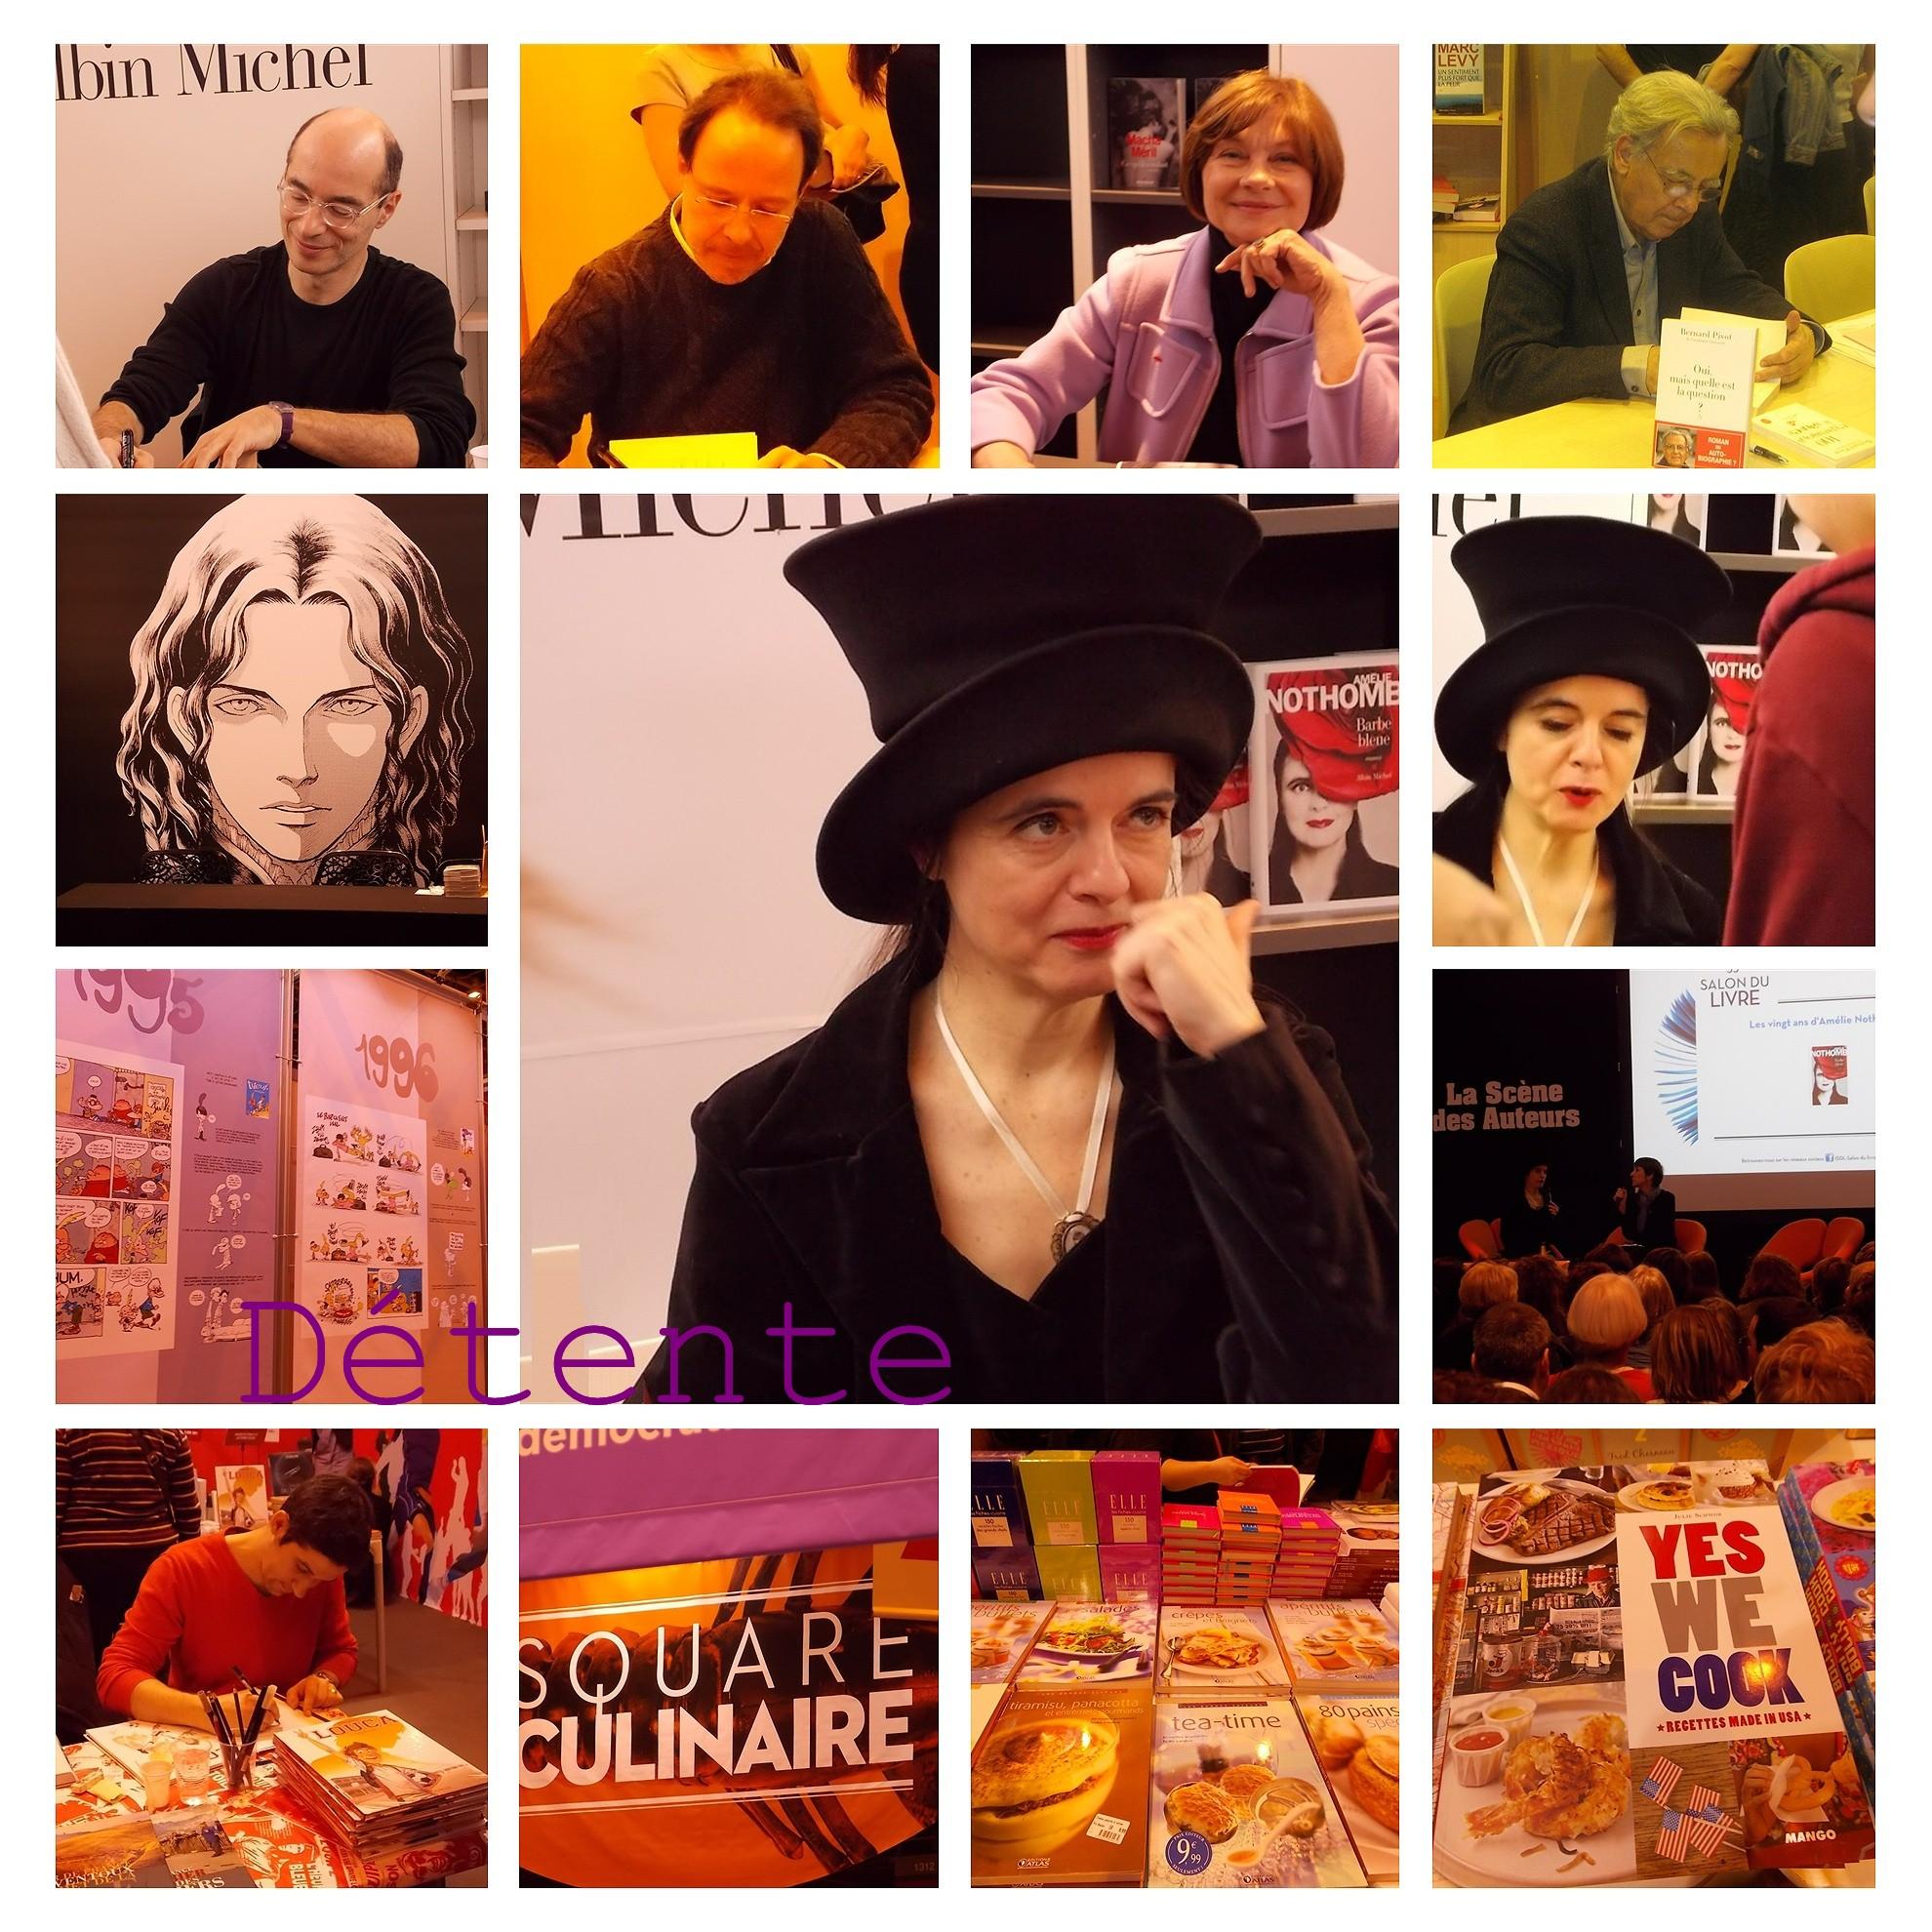 Le Salon du Livre et la 'Dame au Chapeau' ! dans Autisme (voir aussi